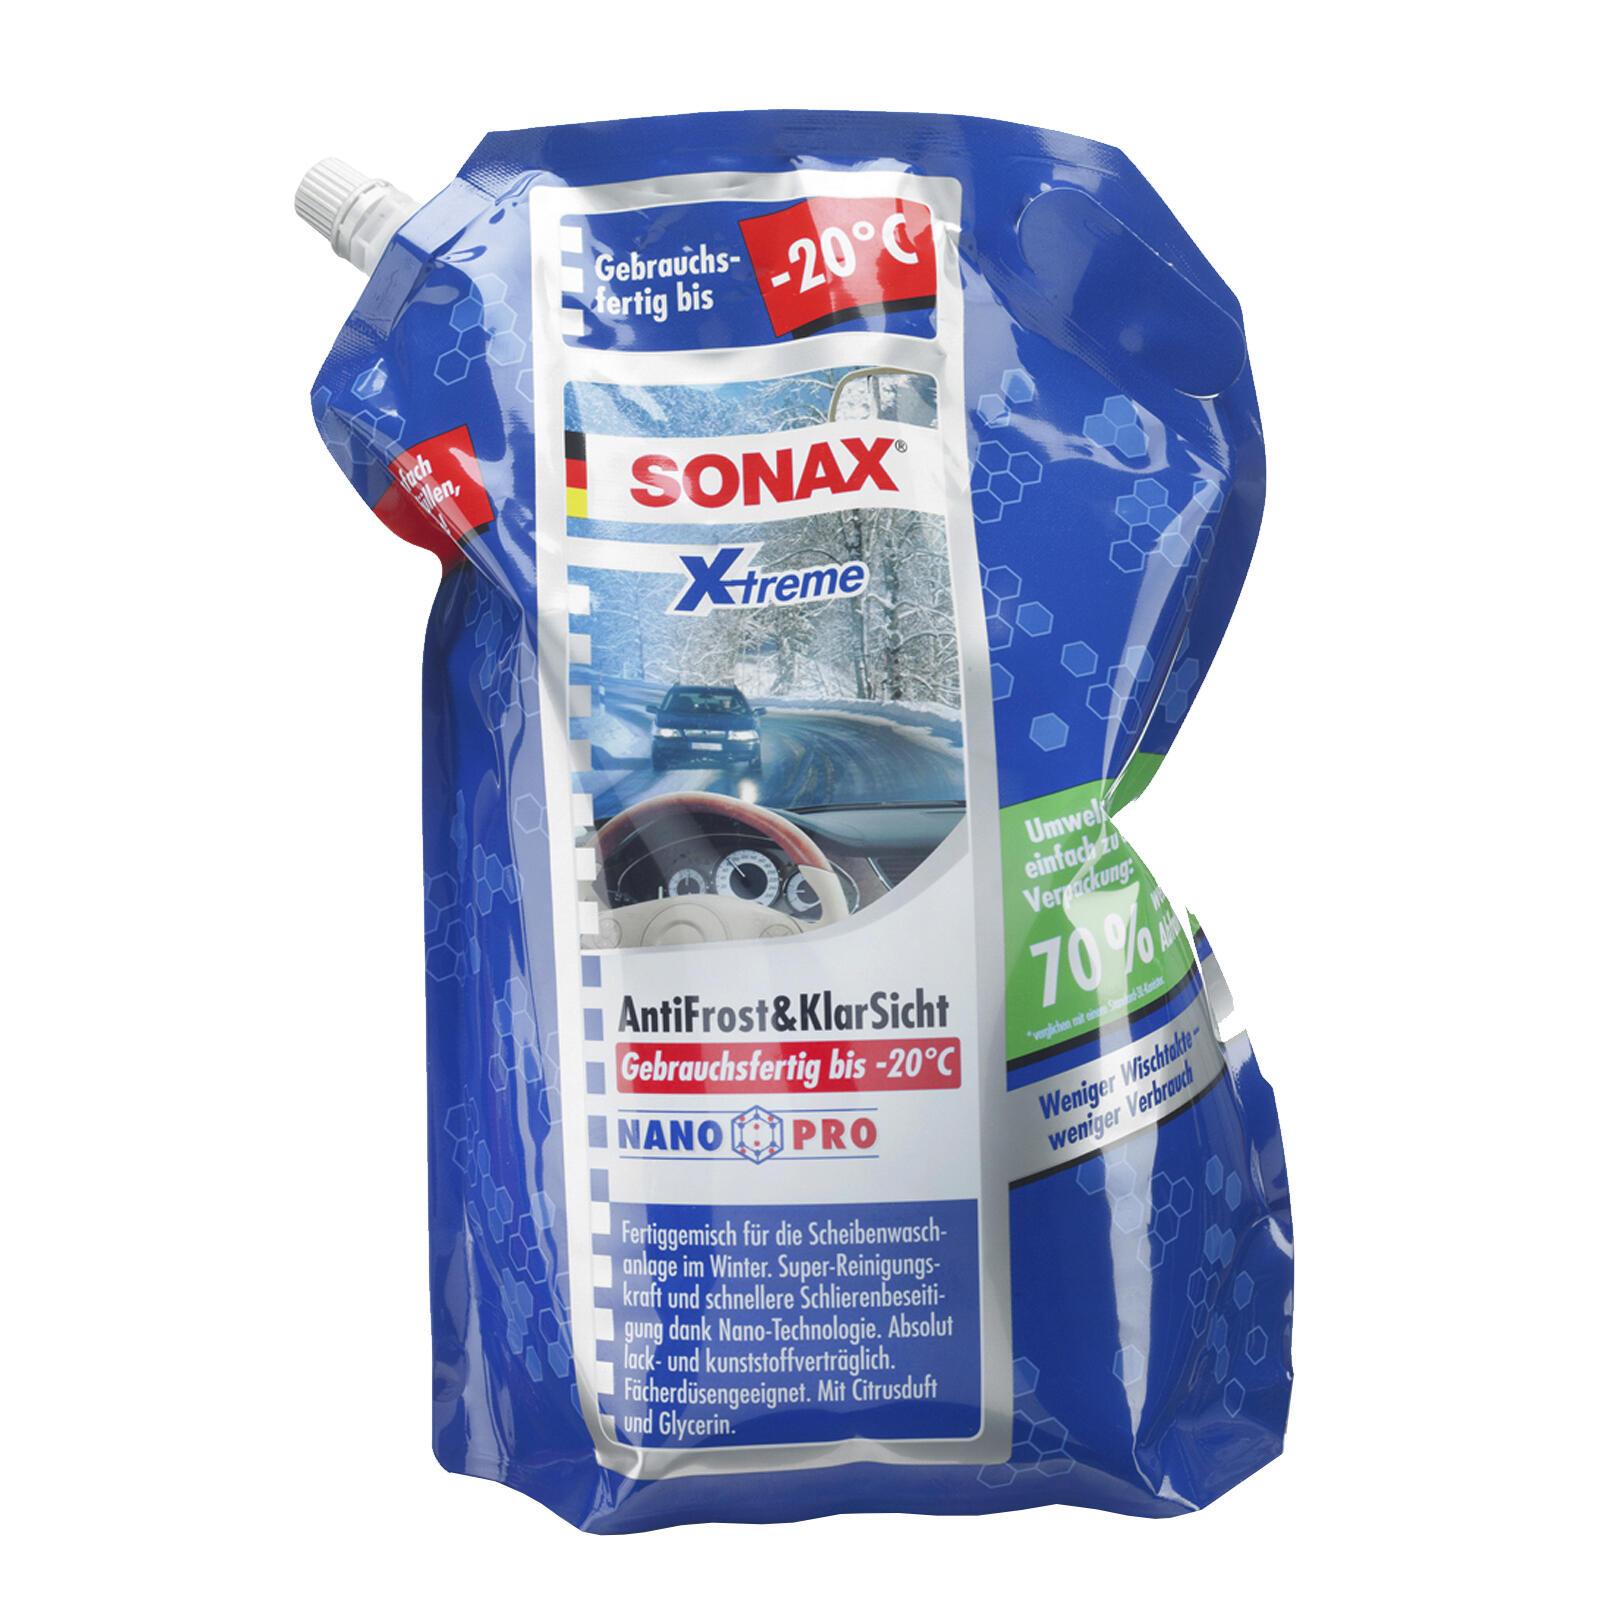 SONAX XTREME AntiFrost+KlarSicht Gebrauchsfertig 3l